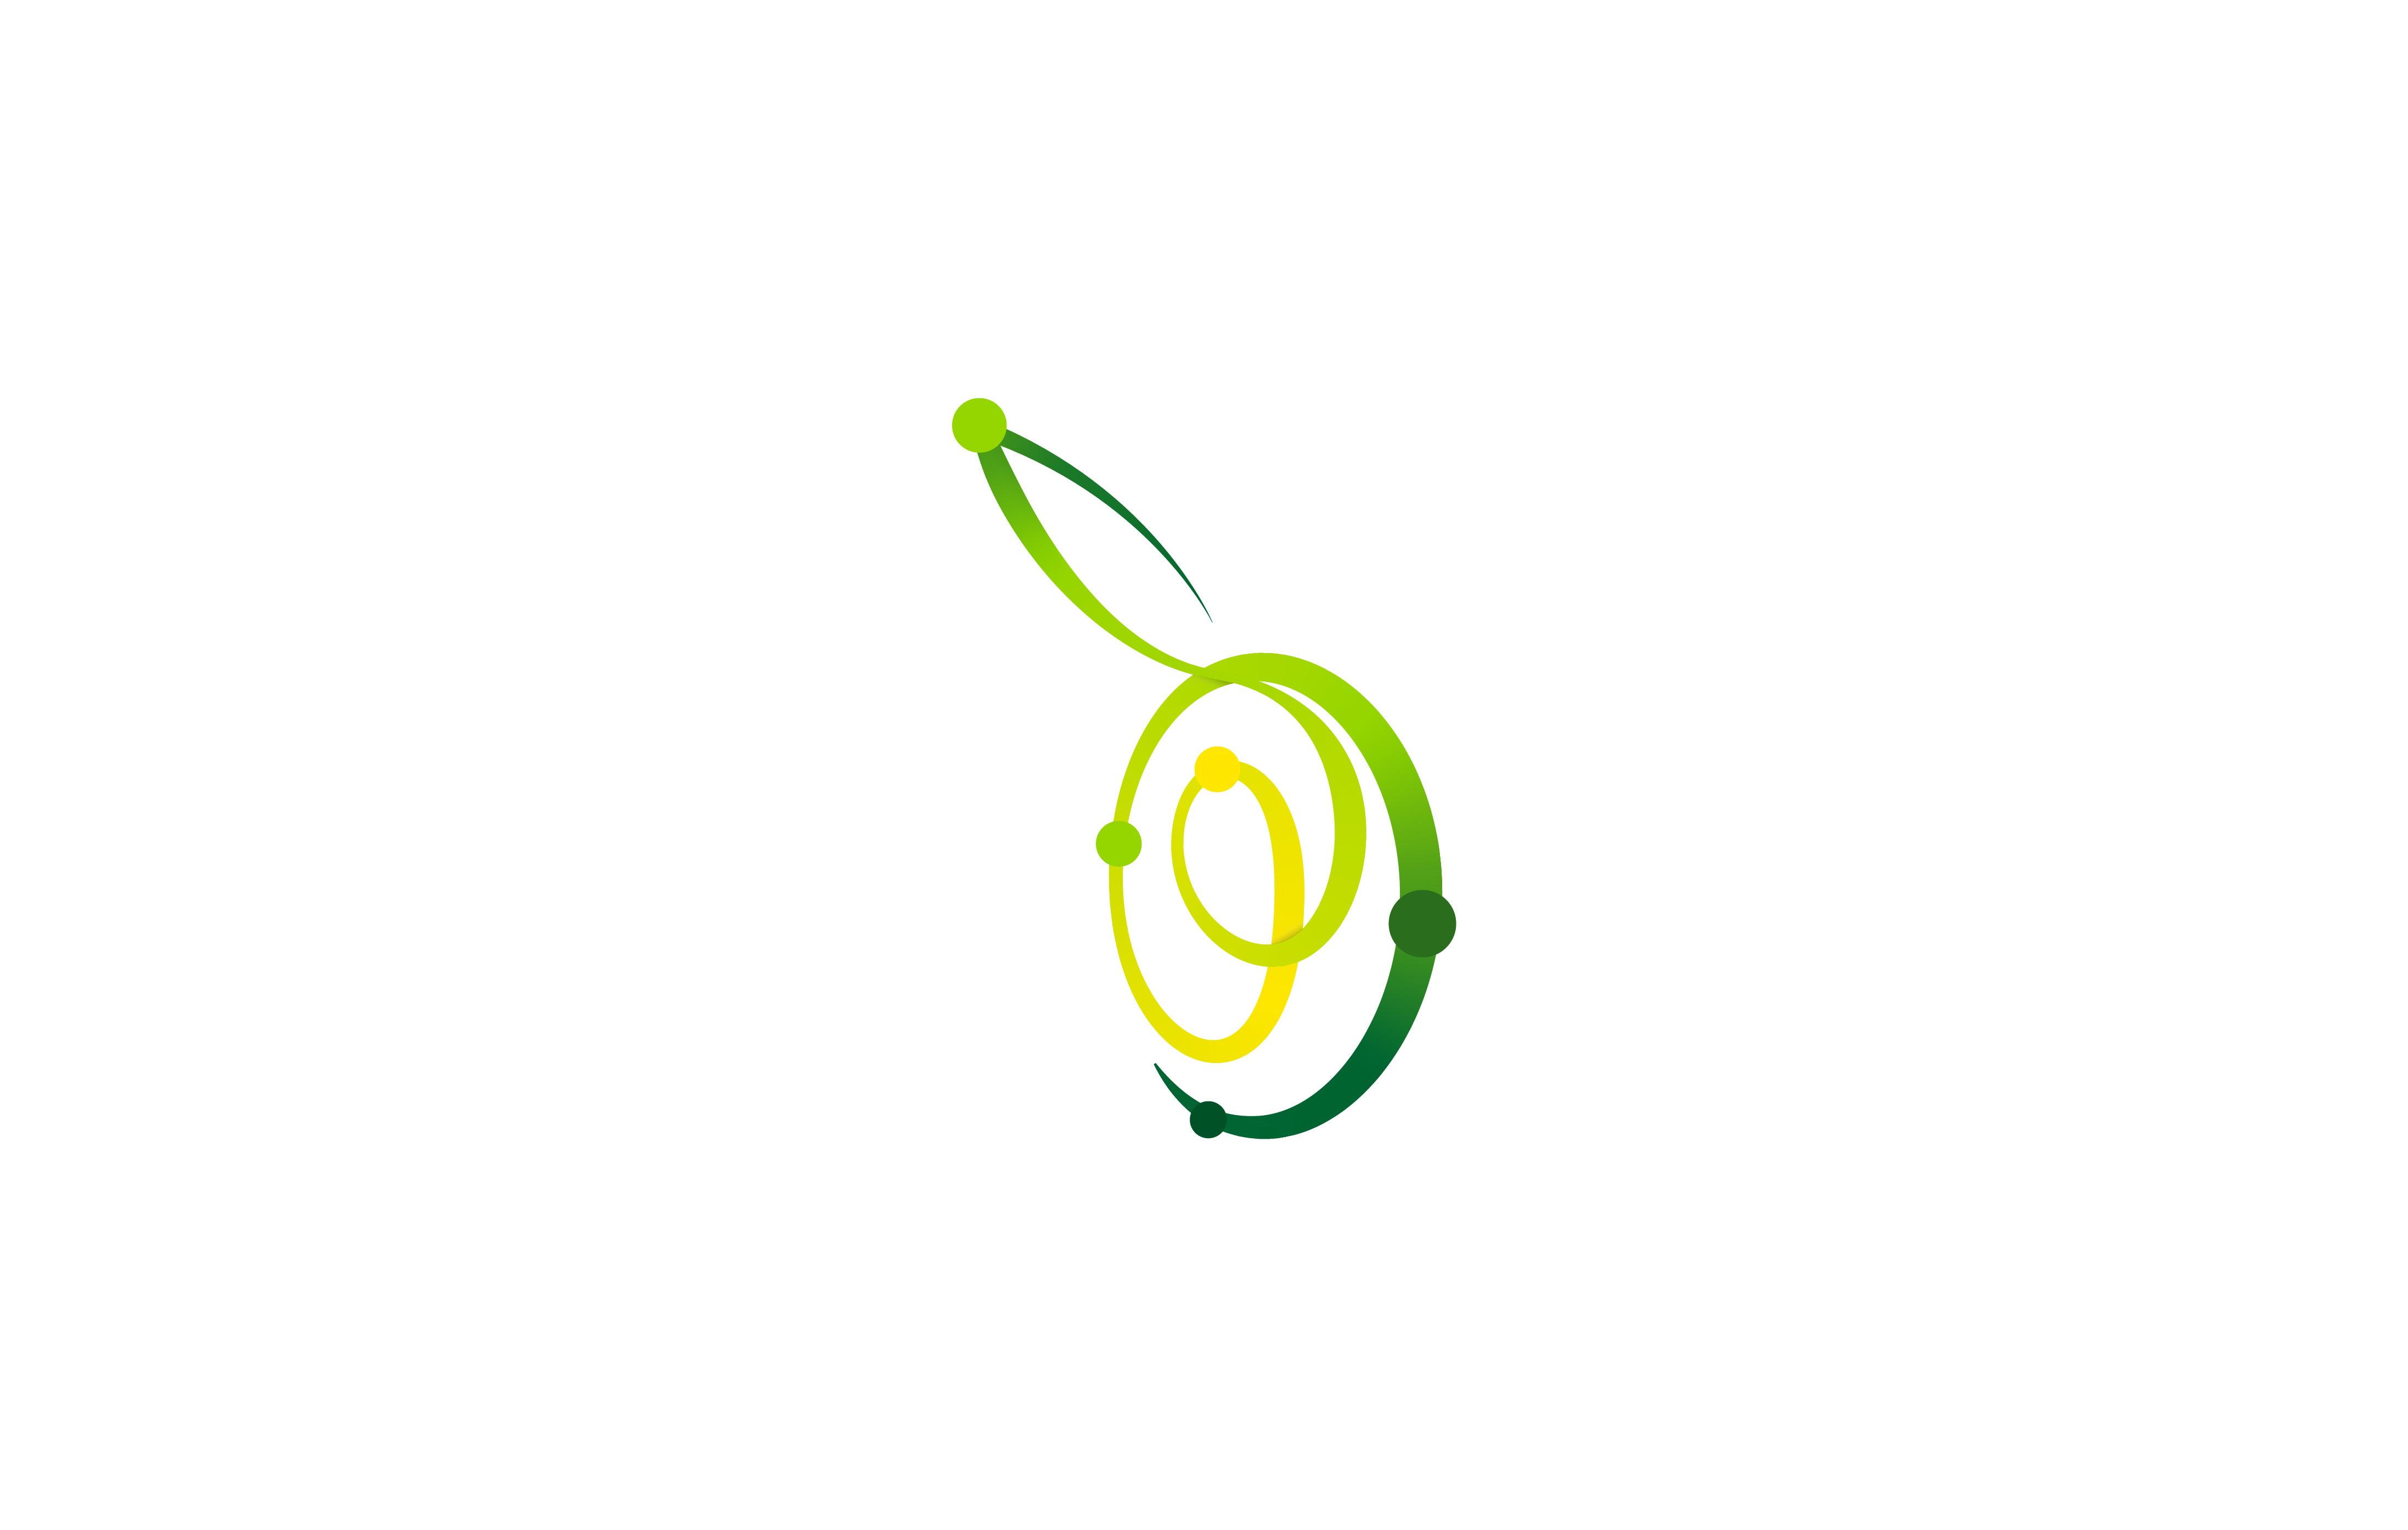 Olivia - Estudio Rana - Diseño Gráfico y Comunicación